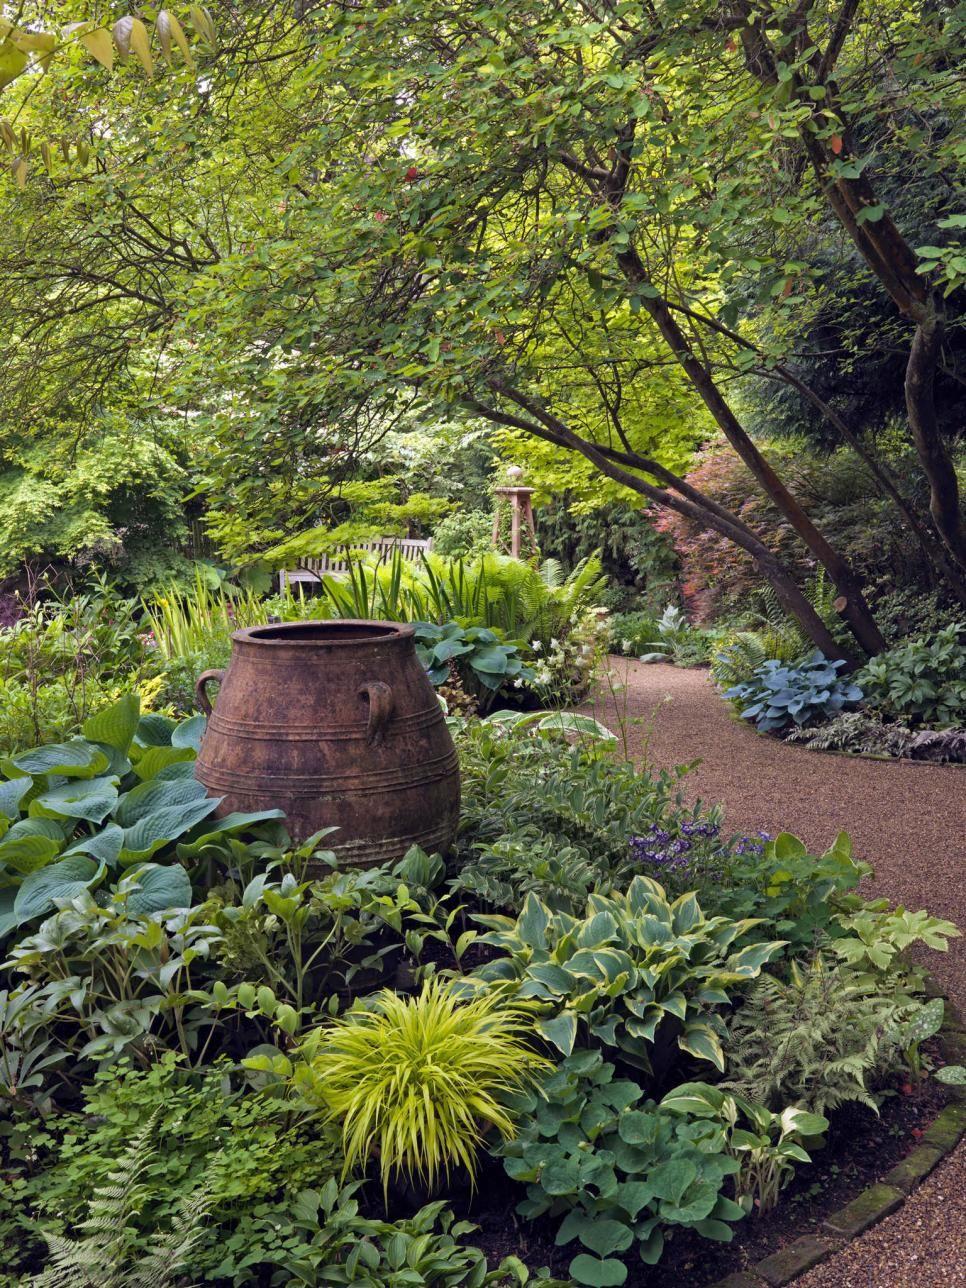 Wunderbare Hinterhof Garten Pflanzen Ideen #Garten #Gartenplanung  #GartenIdeen